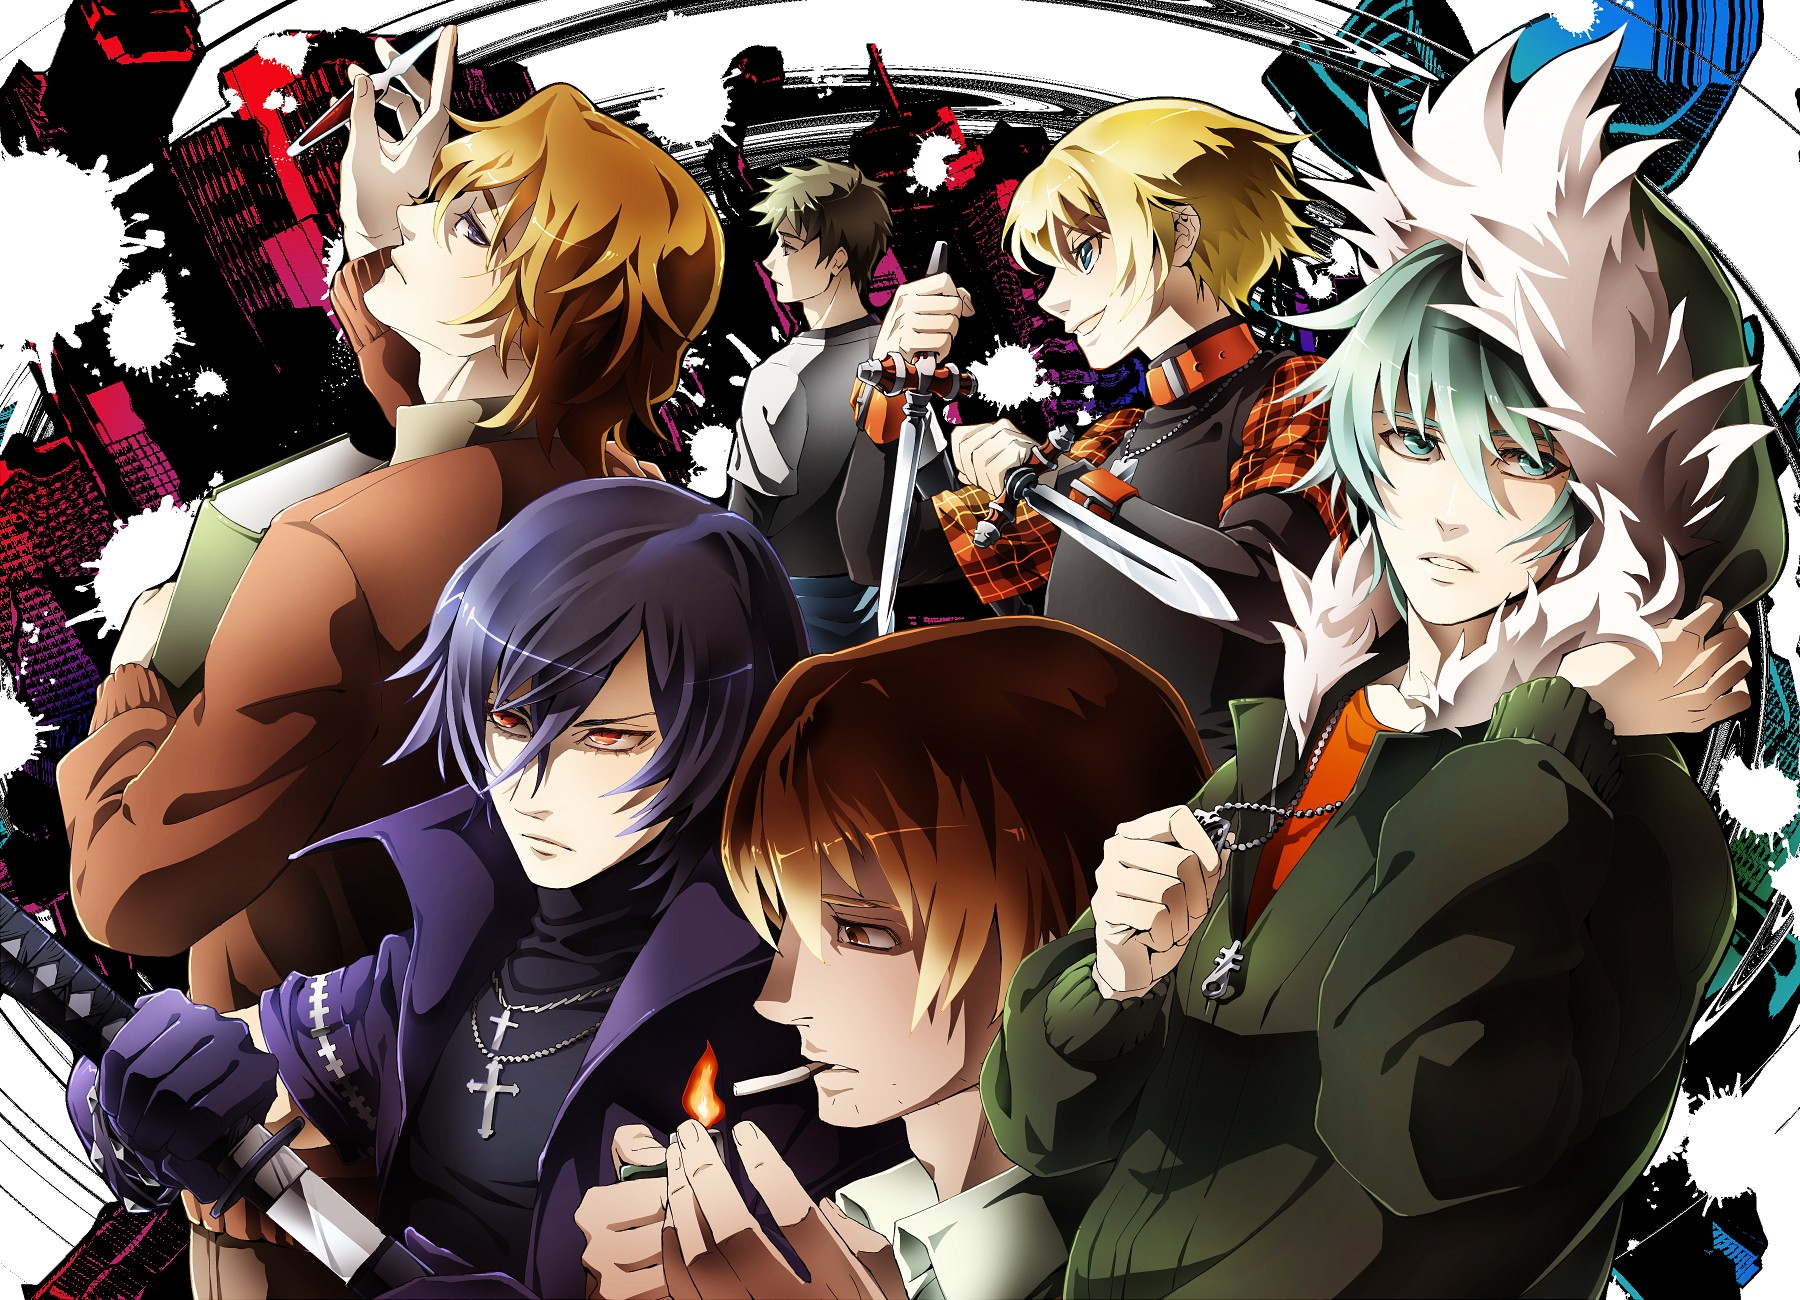 Togainu.no.Chi.full.329377 - Yaoi Anime Önerileri - Top 20 - Figurex Anime Önerileri